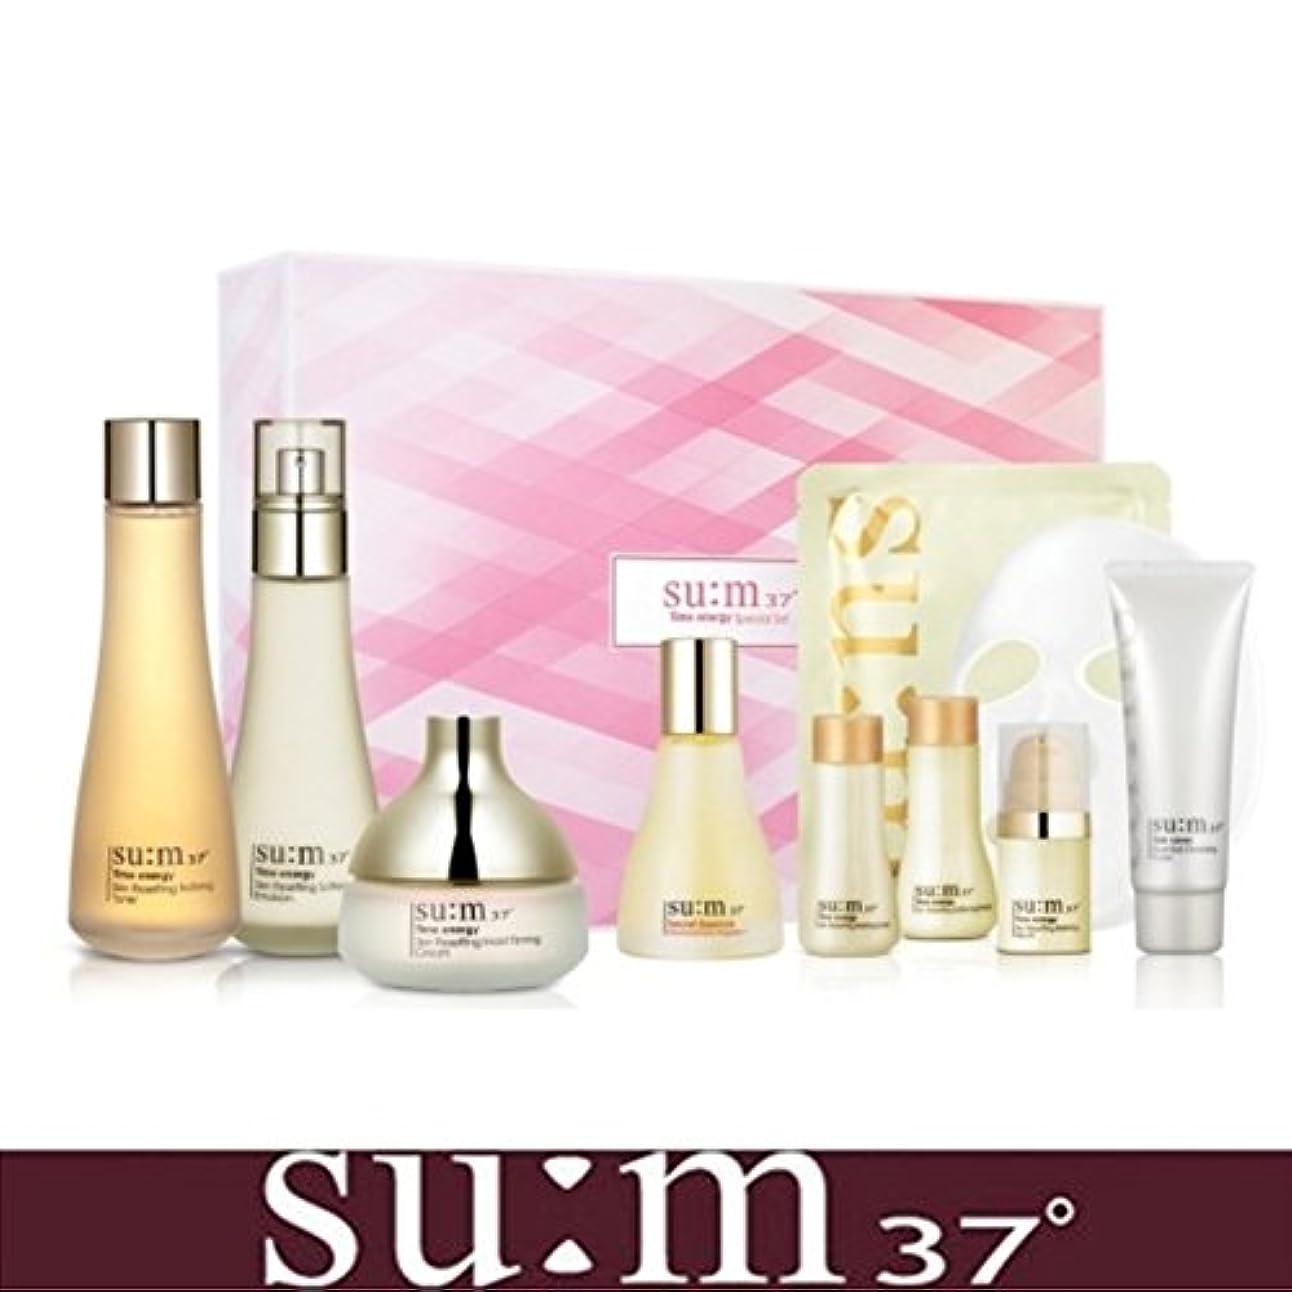 ほんの閉じ込める道徳教育[su:m37/スム37°] SUM37 Time Energy 3pcs Special Skincare Set / タイムエネルギーの3種のスペシャルセット+[Sample Gift](海外直送品)